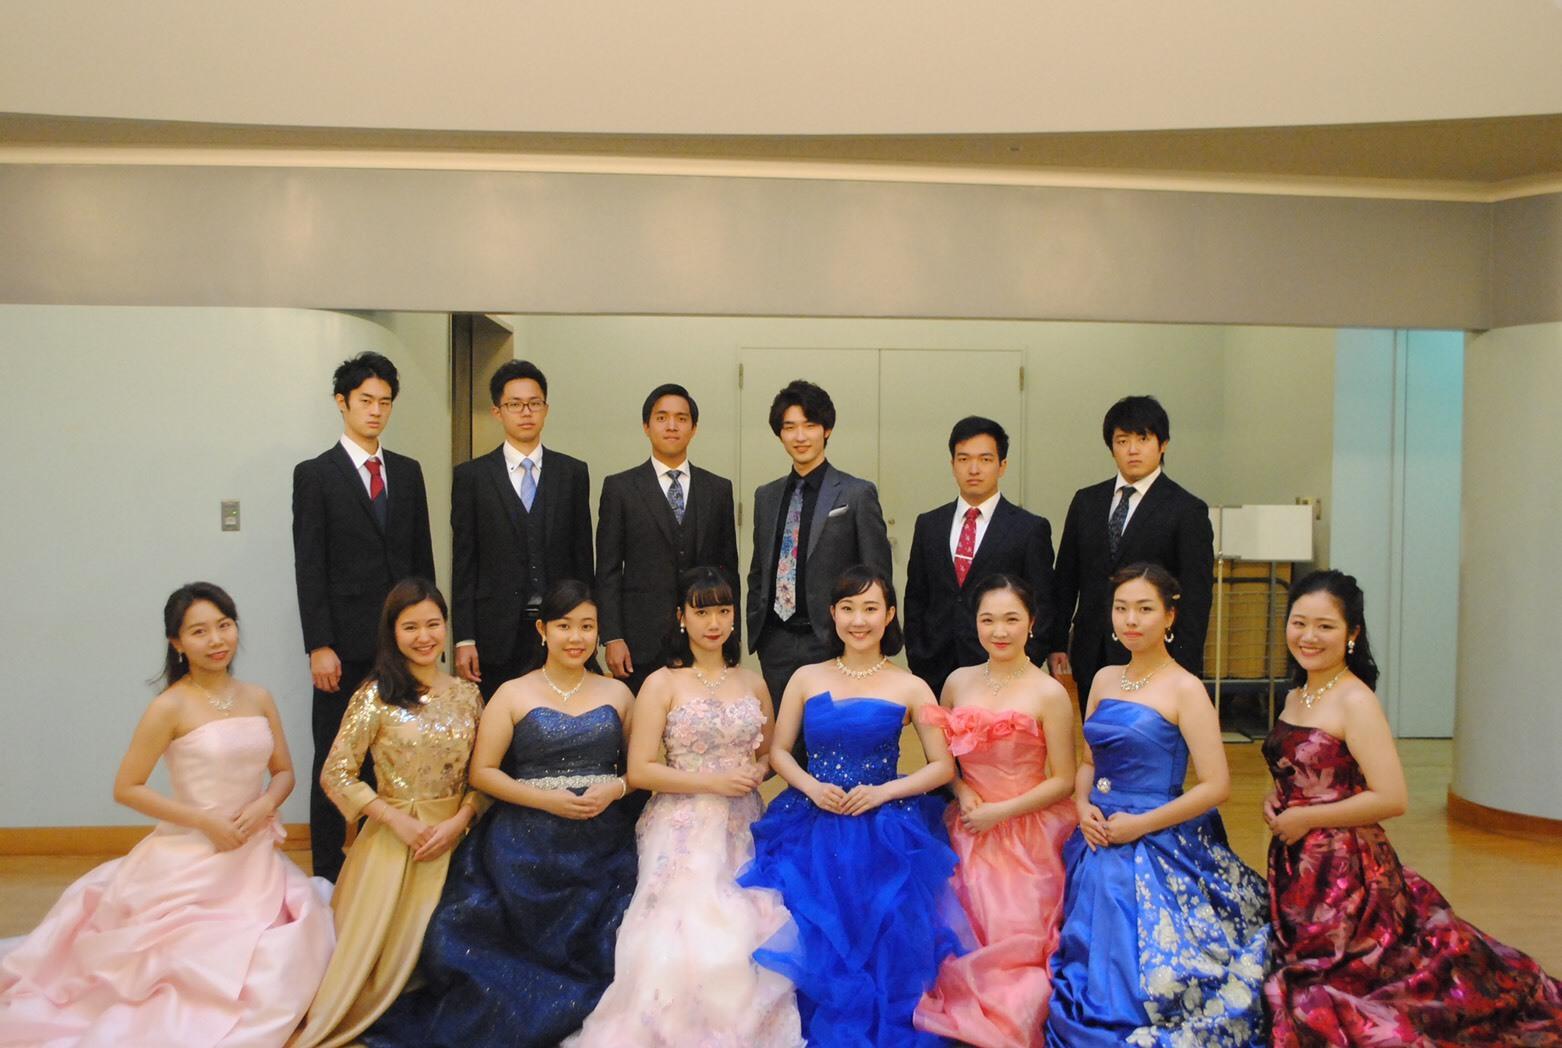 声楽科4年生による学内演奏会へ行ってきました(10月17日)@東京芸術大学奏楽堂10/15〜18_a0157409_09113229.jpeg